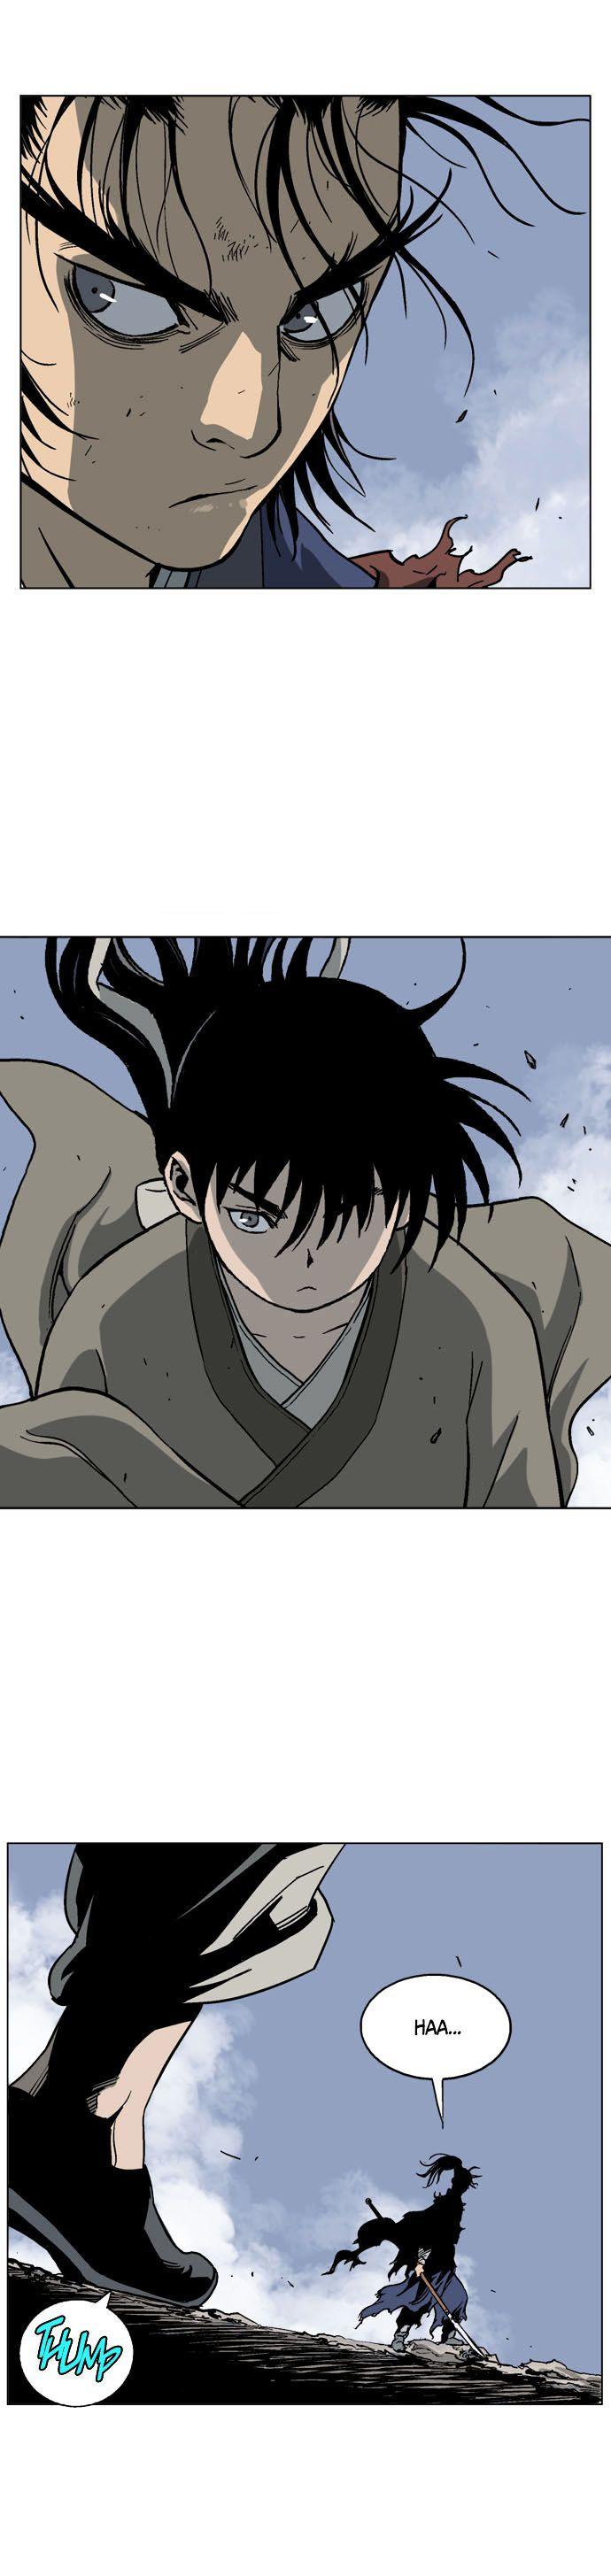 https://c5.ninemanga.com/es_manga/pic2/9/18249/518631/0f7521a9b9e2084f08cf6adf4cdd8c21.jpg Page 3